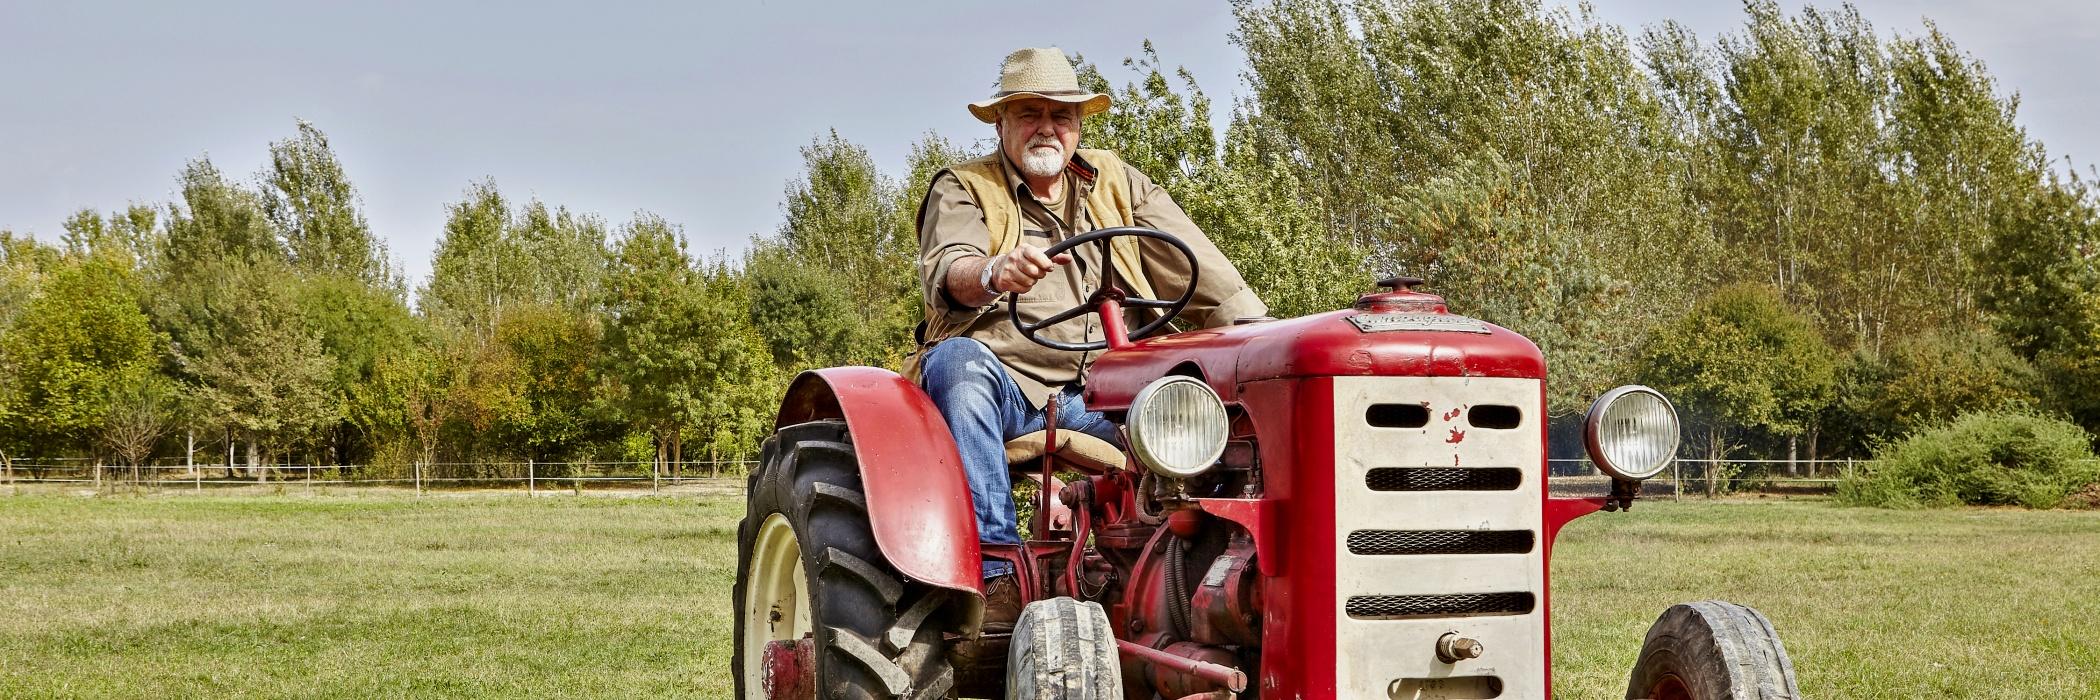 Gino il contadino sul trattore